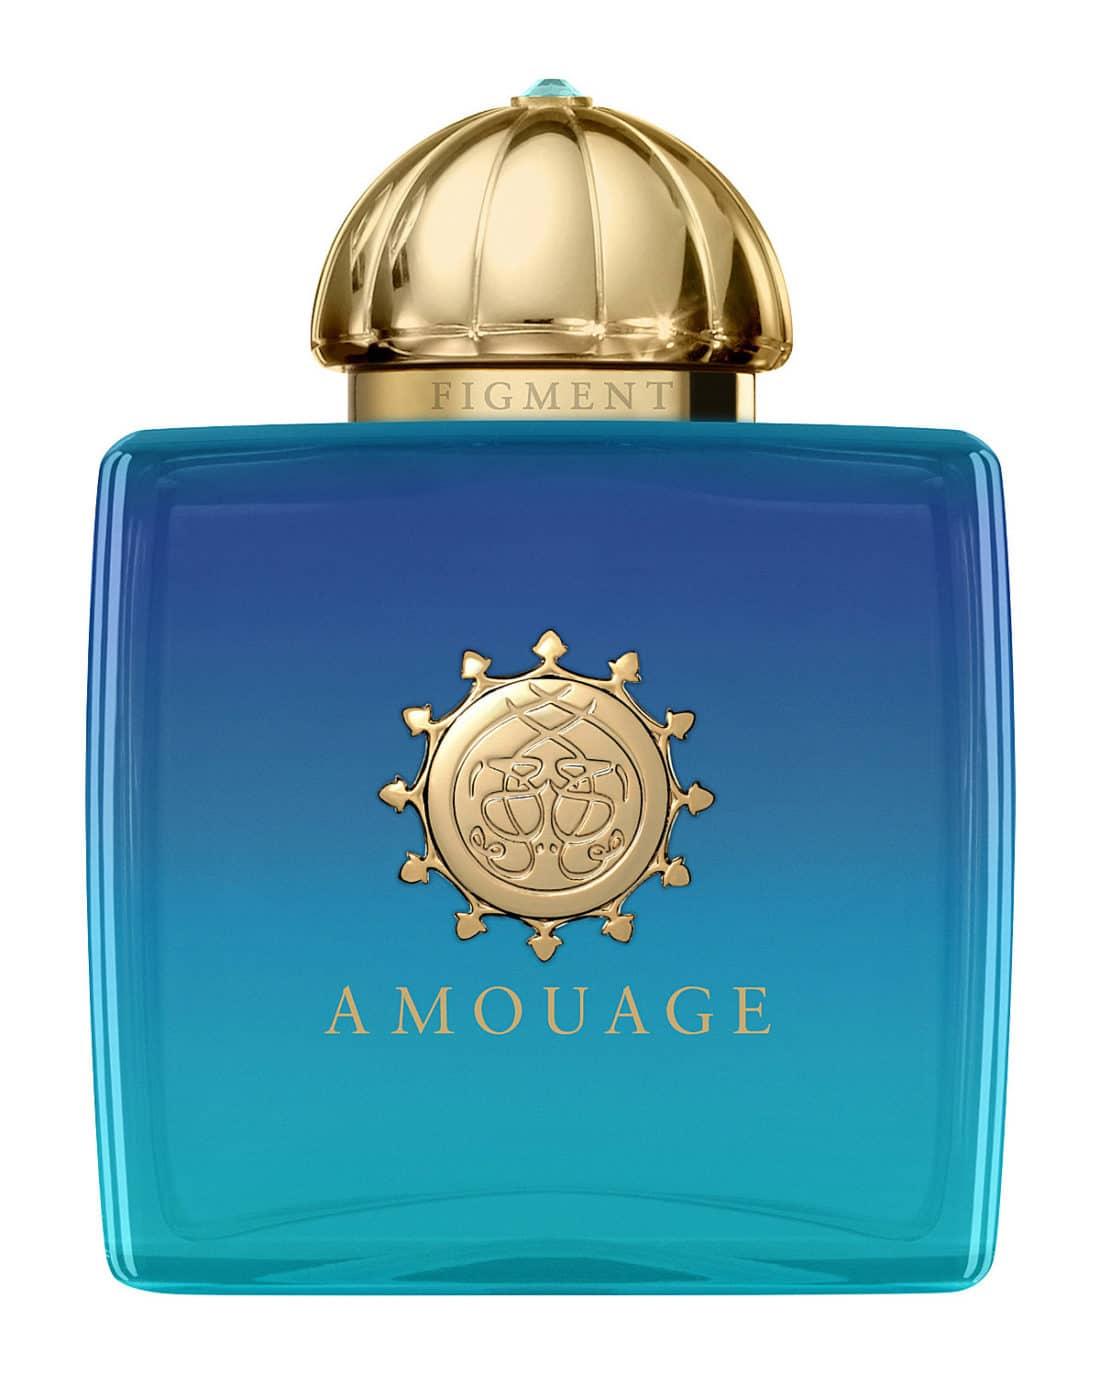 Amouage Figment Woman - 4 miesjce w rankingu najlepszych perfum 2017/2018